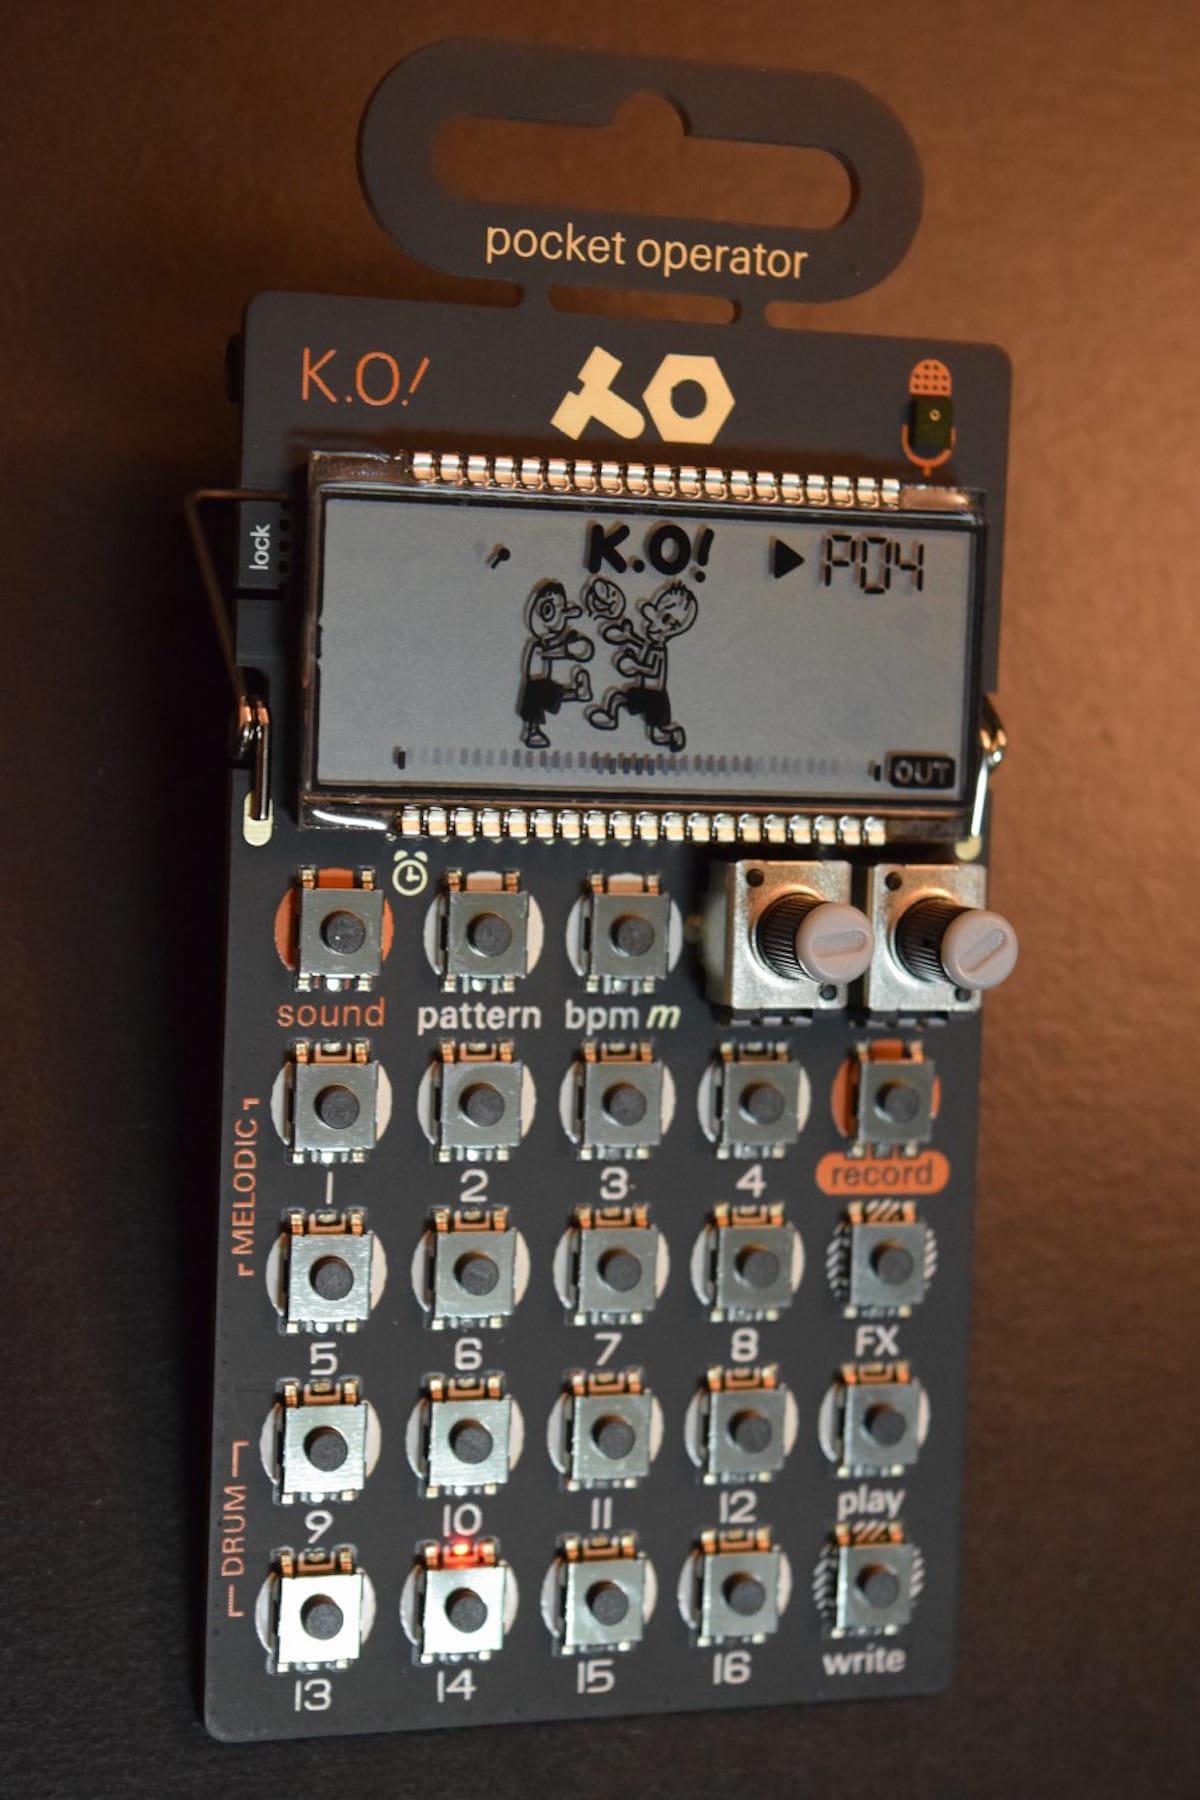 内蔵マイクからサンプリングして、すぐ曲が作れる『PO-33 K.O!』(ノックアウト!)が面白い! technology180510_po33ko_2-1200x1800